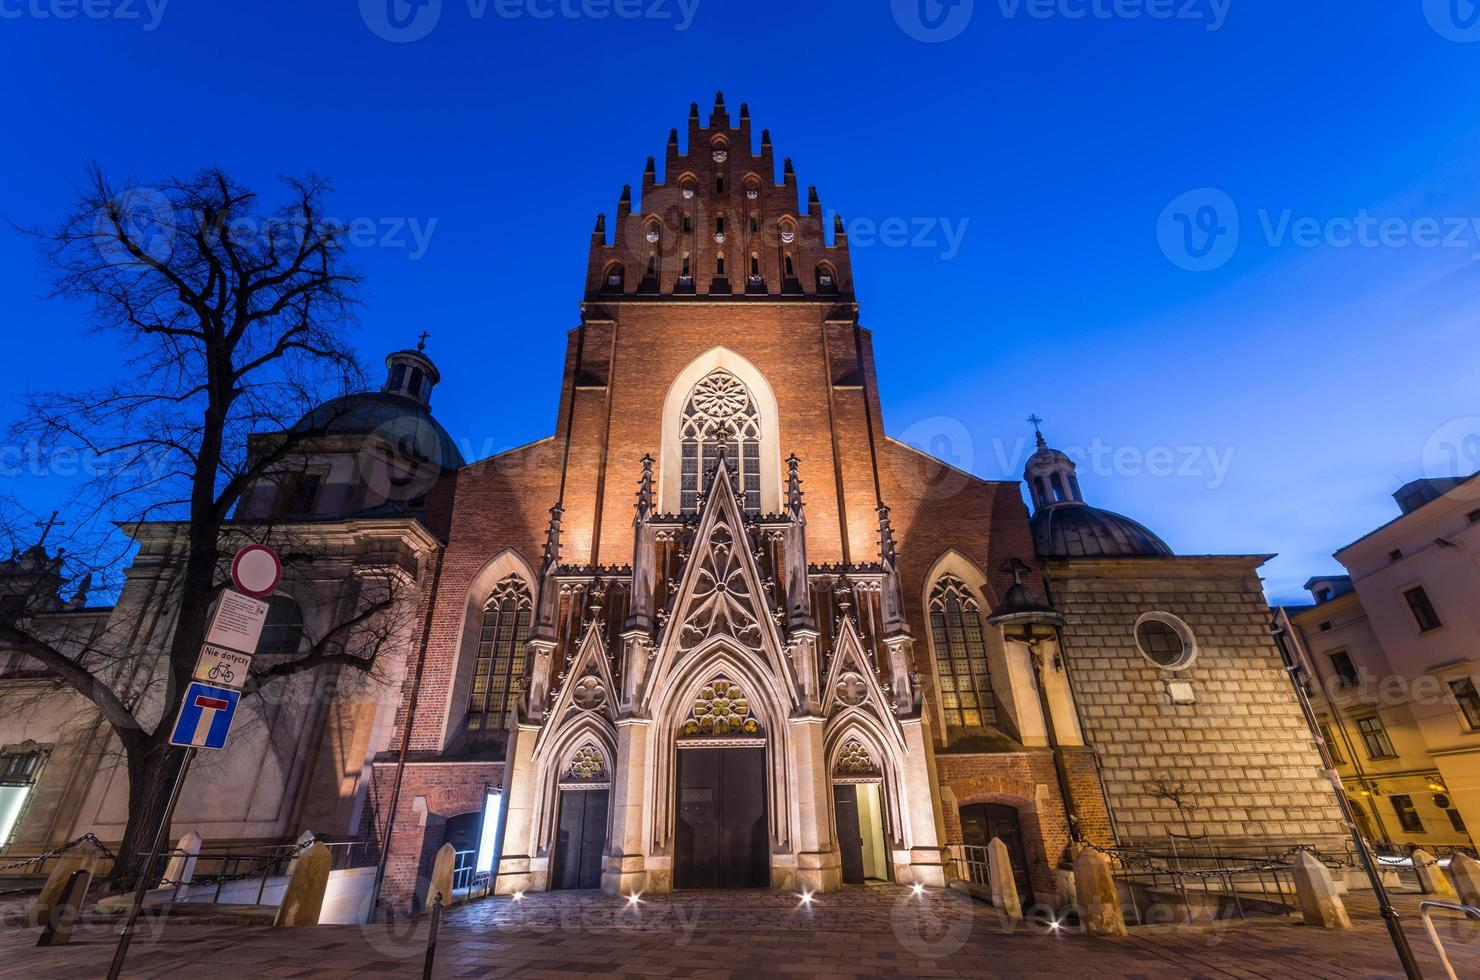 Igreja da Santíssima Trindade em Cracóvia foto